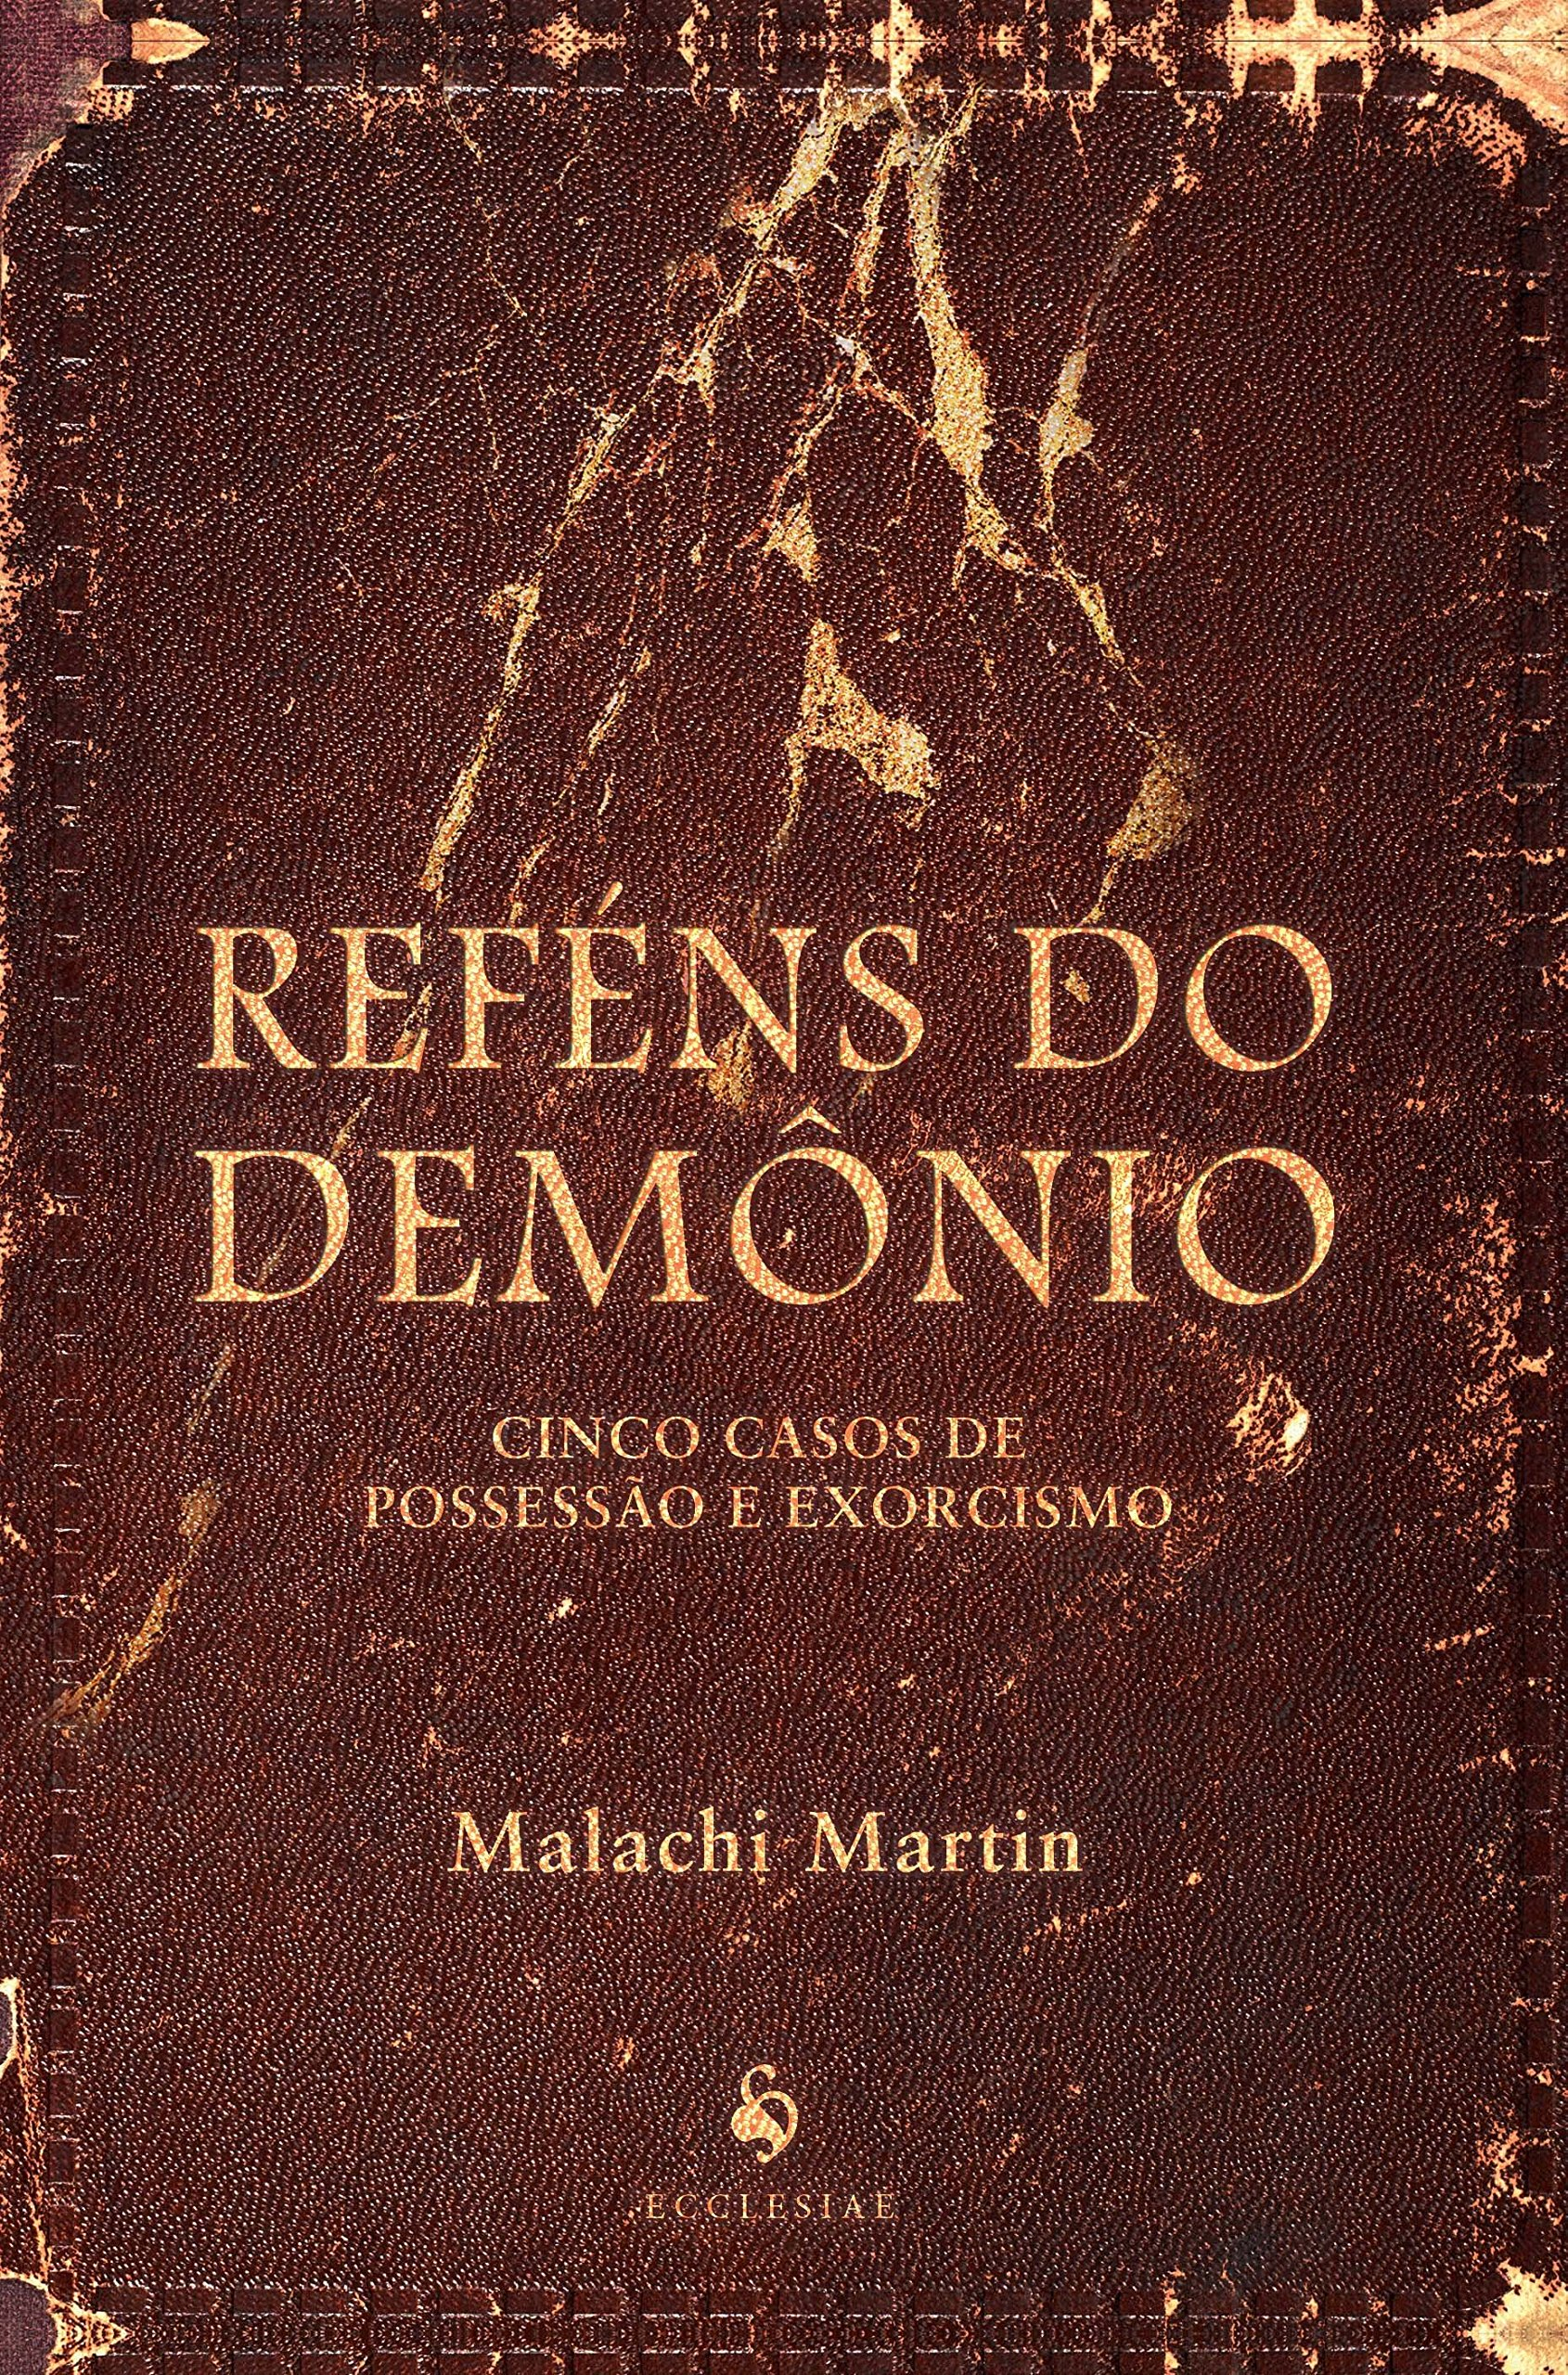 Resultado de imagem para malachi martin reféns do demônio